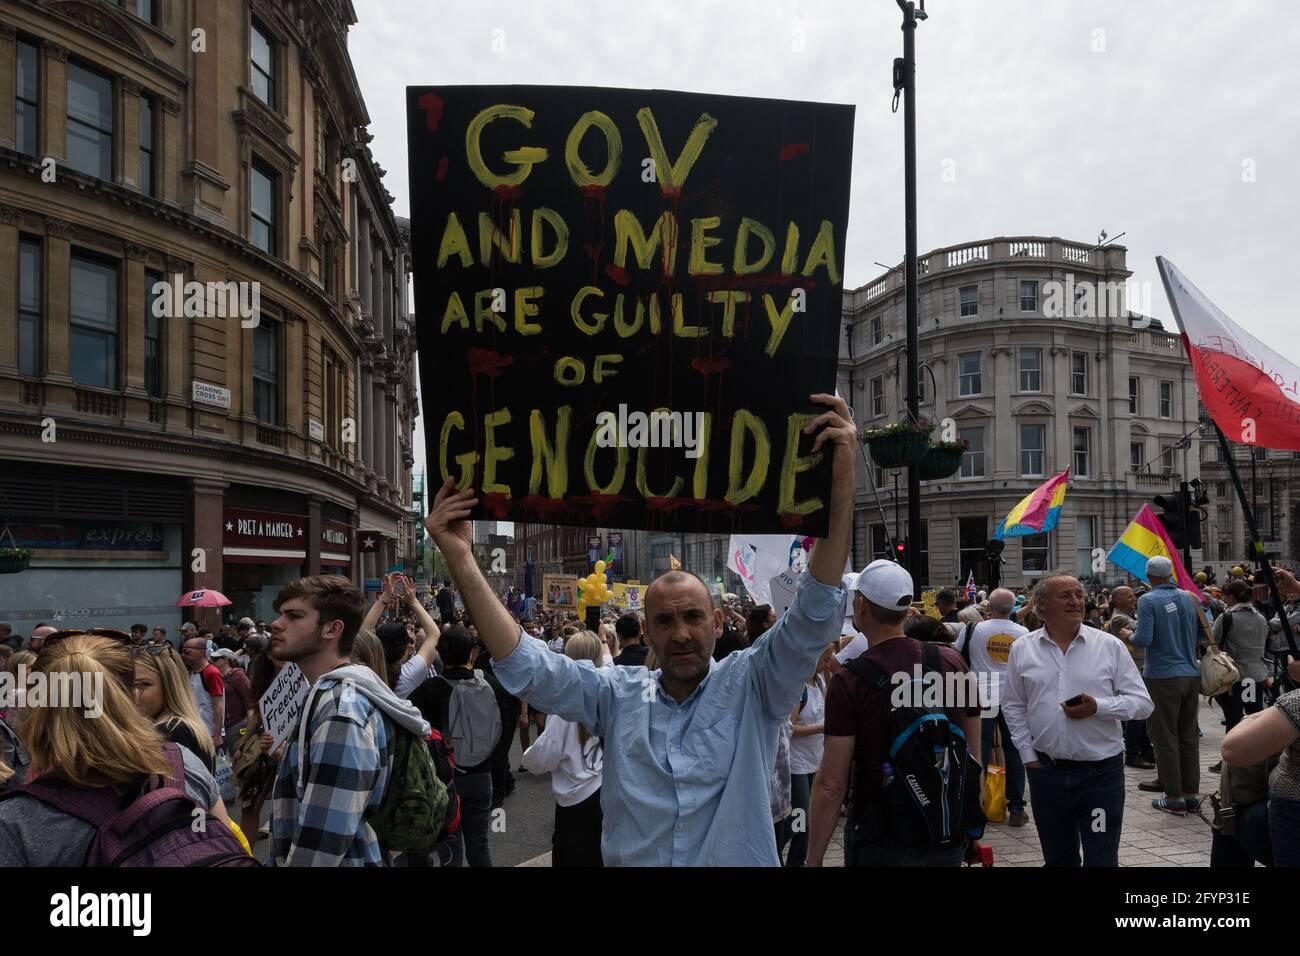 Londres, Royaume-Uni. 29 mai 2021. Des milliers de manifestants défilent dans le centre de Londres pour protester contre les restrictions et les législations imposées par le Gouvernement pour contrôler la propagation du coronavirus, des blocages, des masques faciaux obligatoires, des vaccins et des passeports vaccinaux. Crédit: Wiktor Szymanowicz/Alamy Live News Banque D'Images